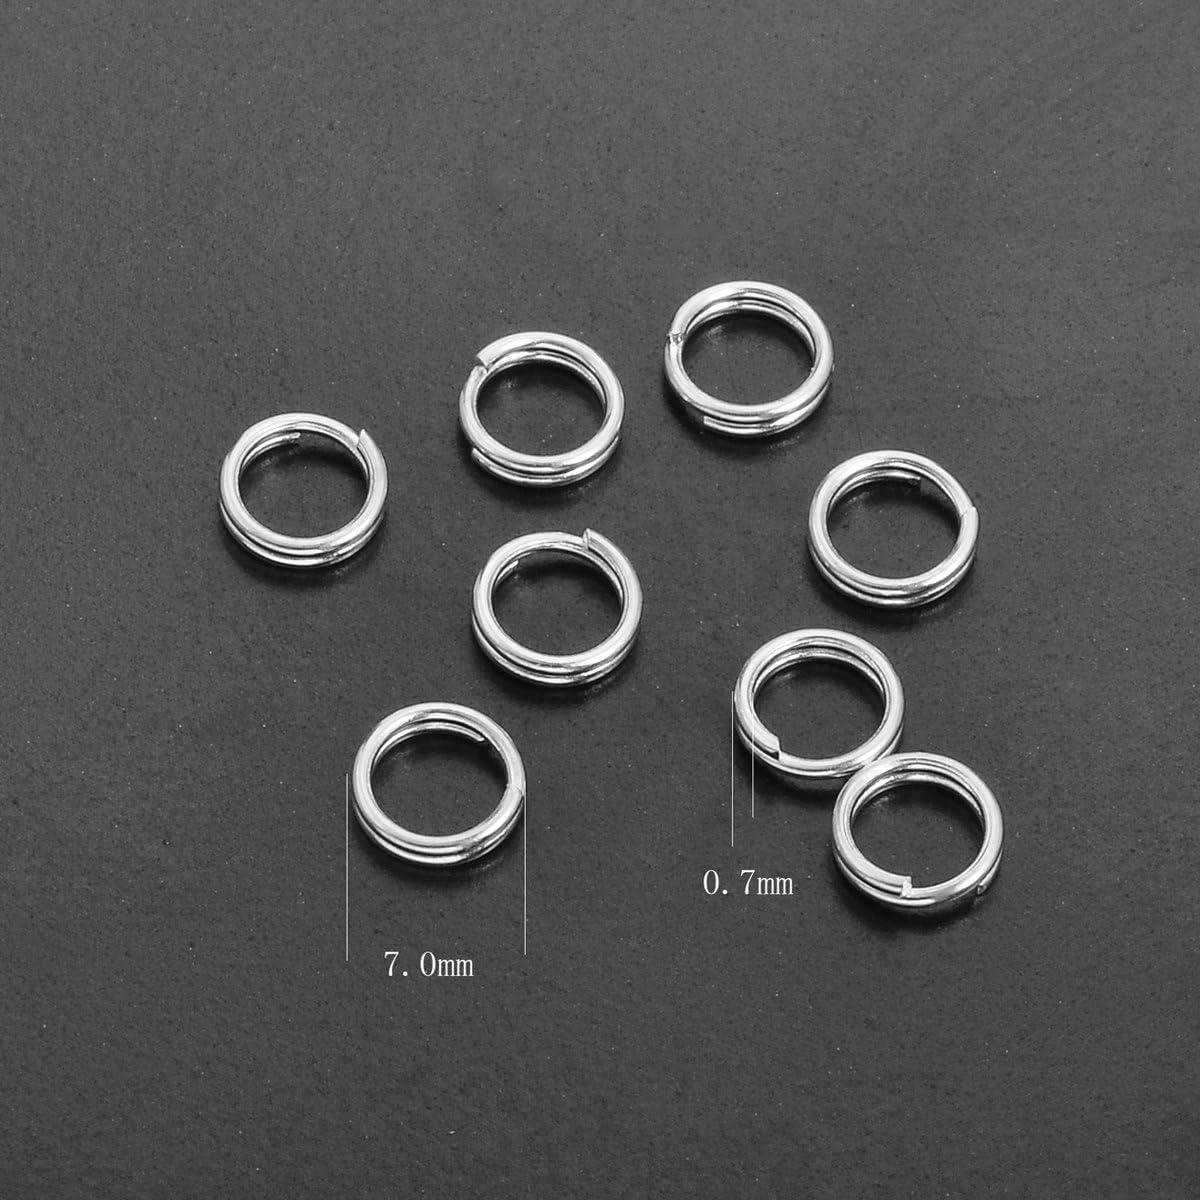 Silber Sterling Silber 5mmx0.5mm YF 925 Sterling Silber Spaltring f/ür DIY Schmuckherstellung